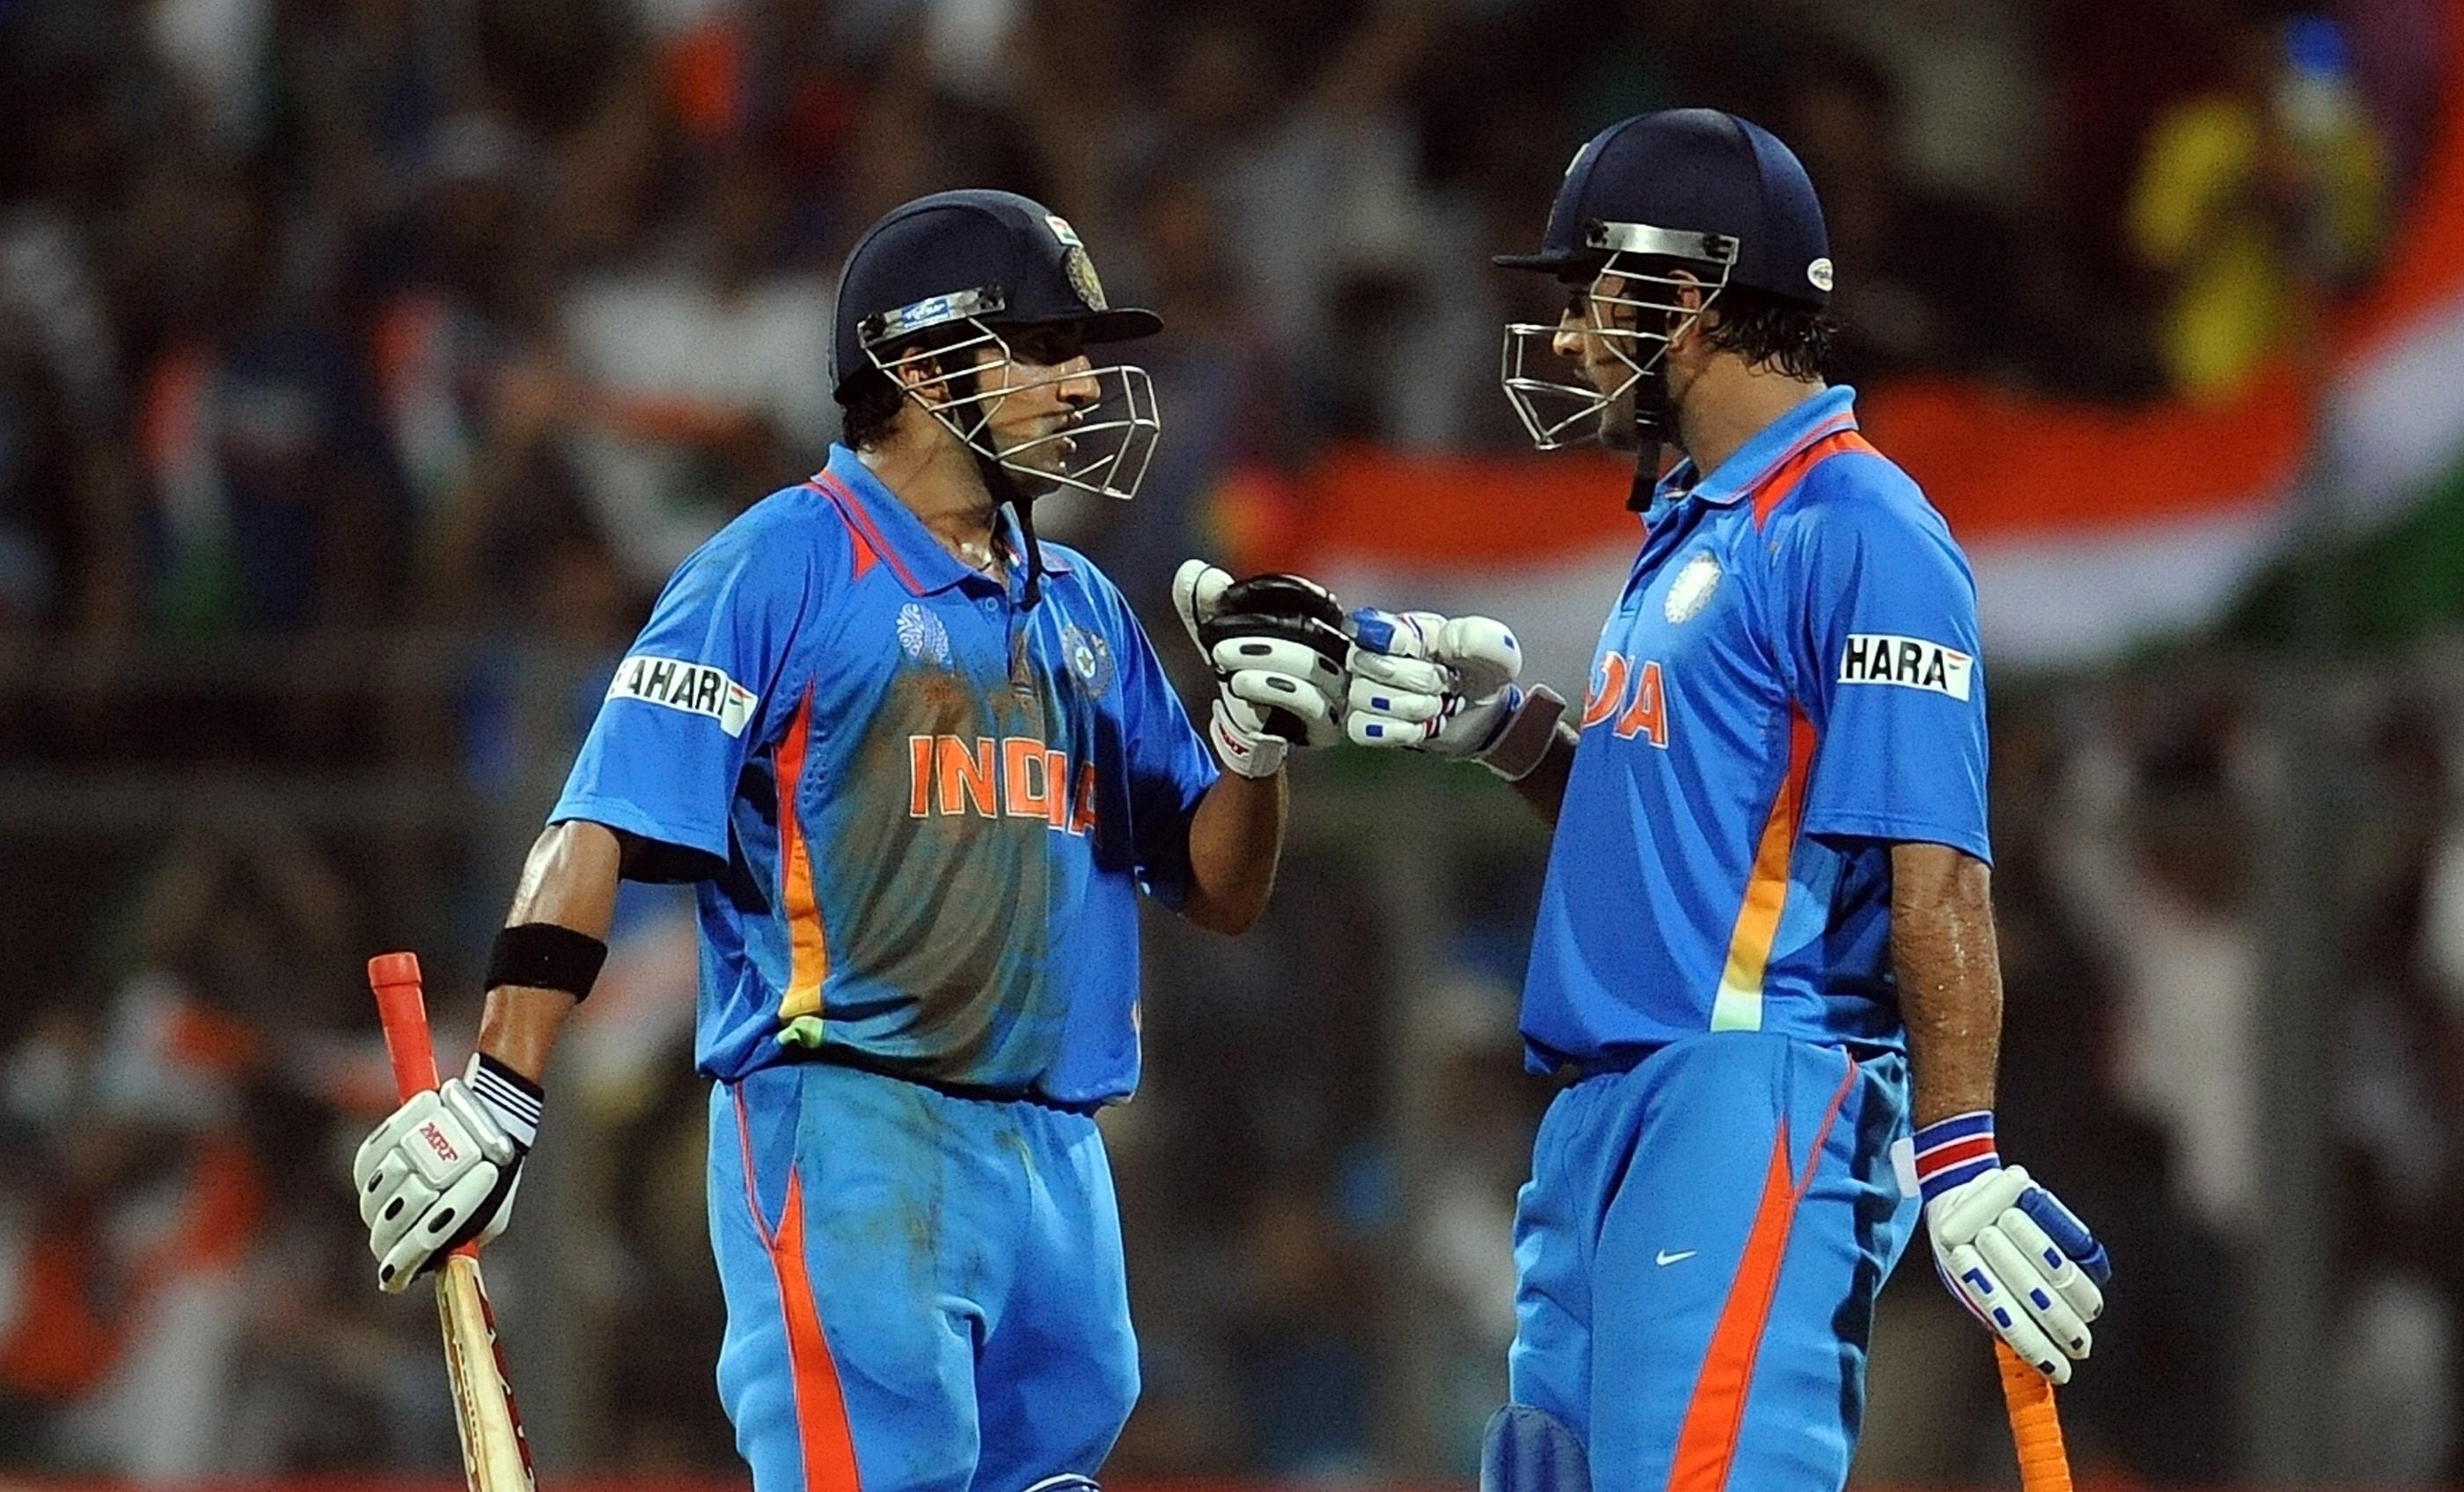 5 भारतीय खिलाड़ियों की पारियां जिसमें नहीं बना शतक लेकिन वो बन गयी यादगार 4